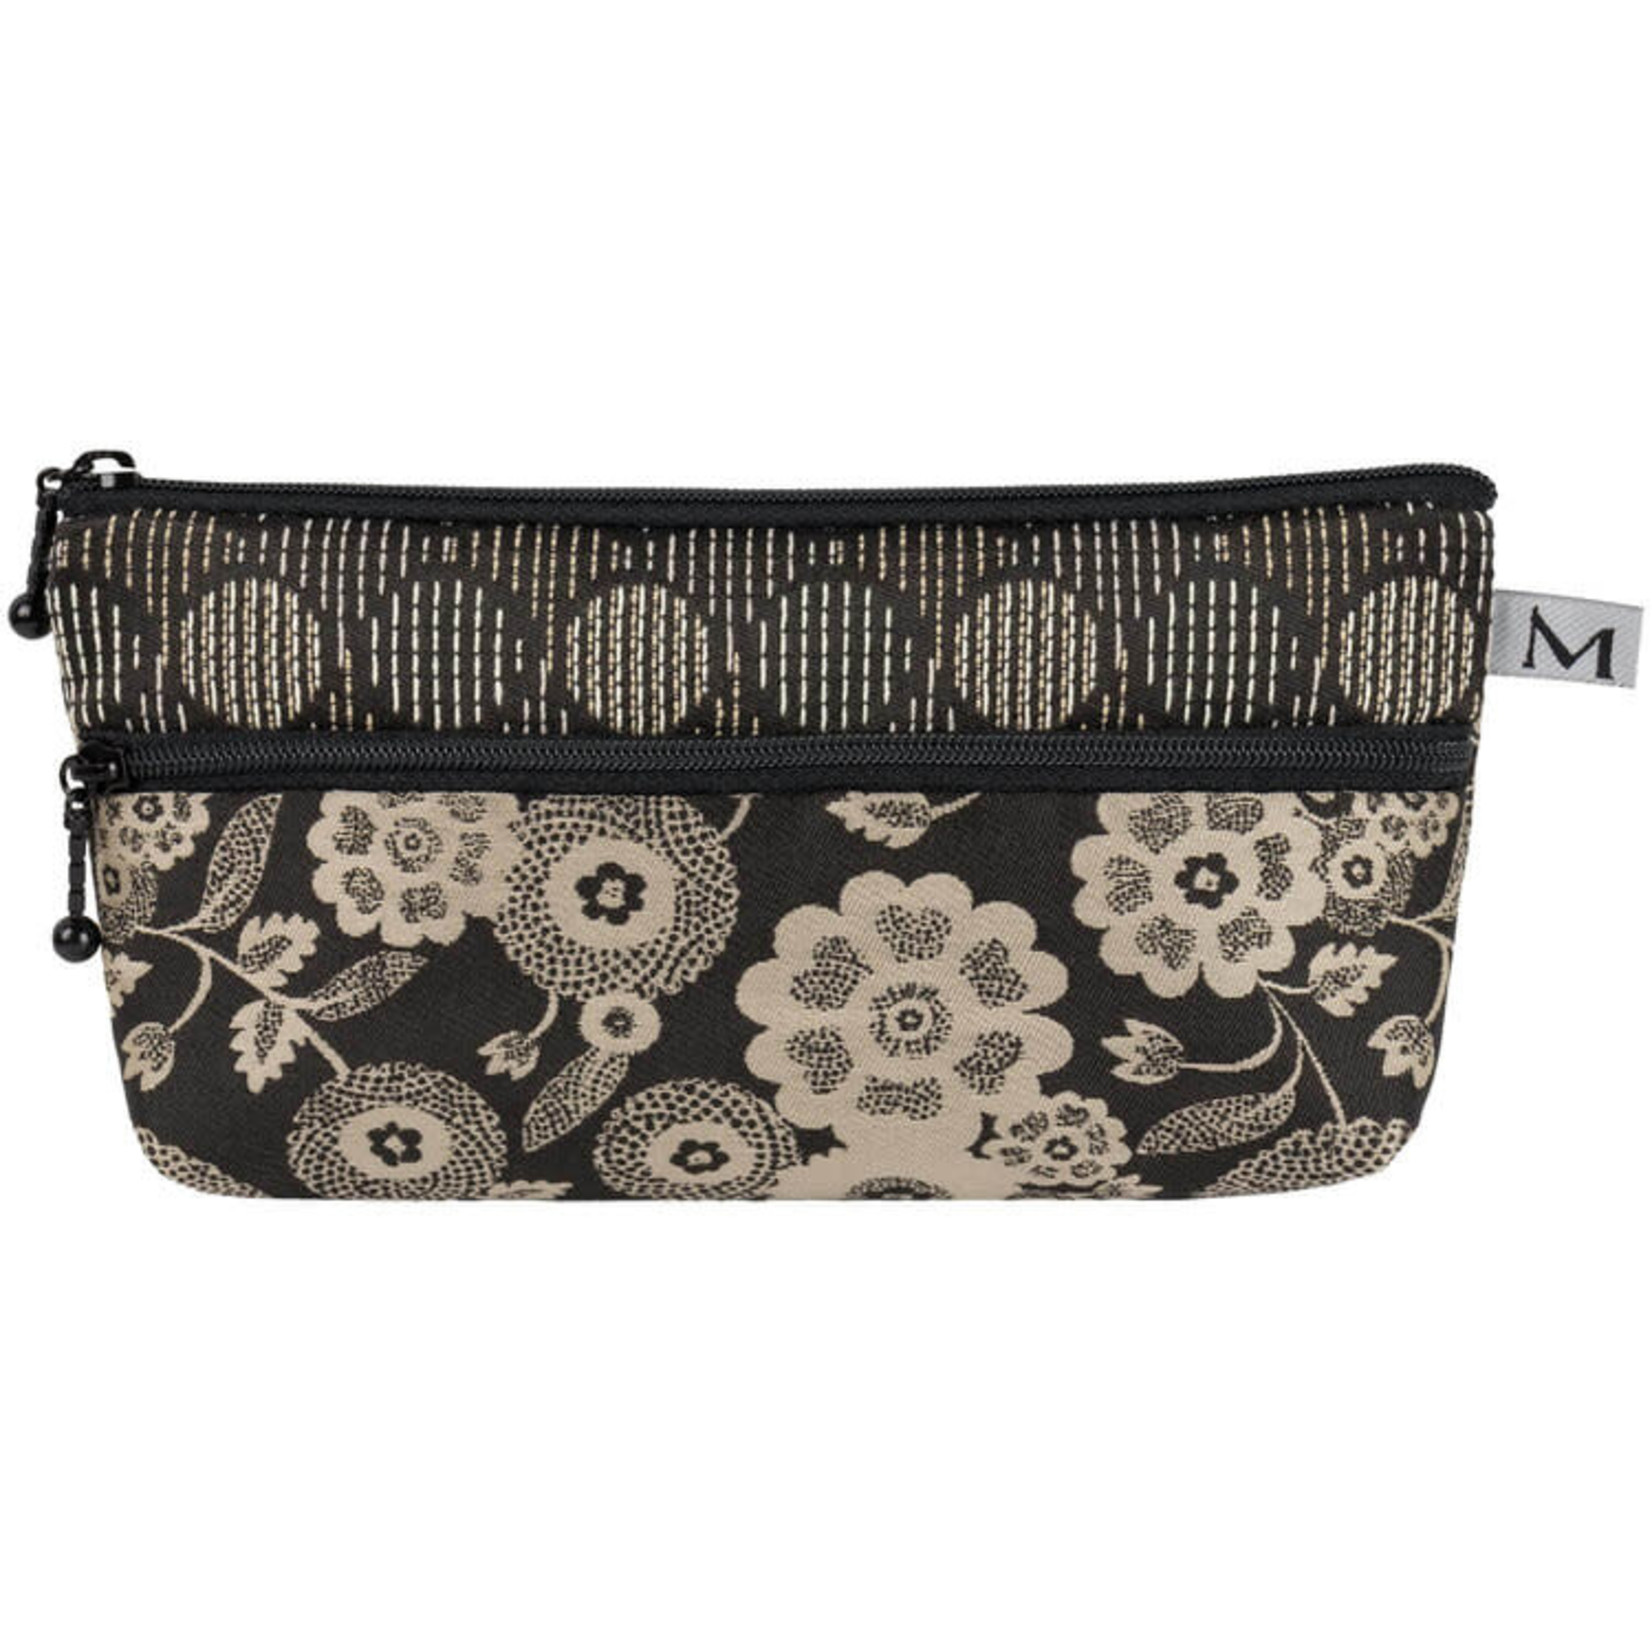 Maruca Design Maruca Heidi Wallet: